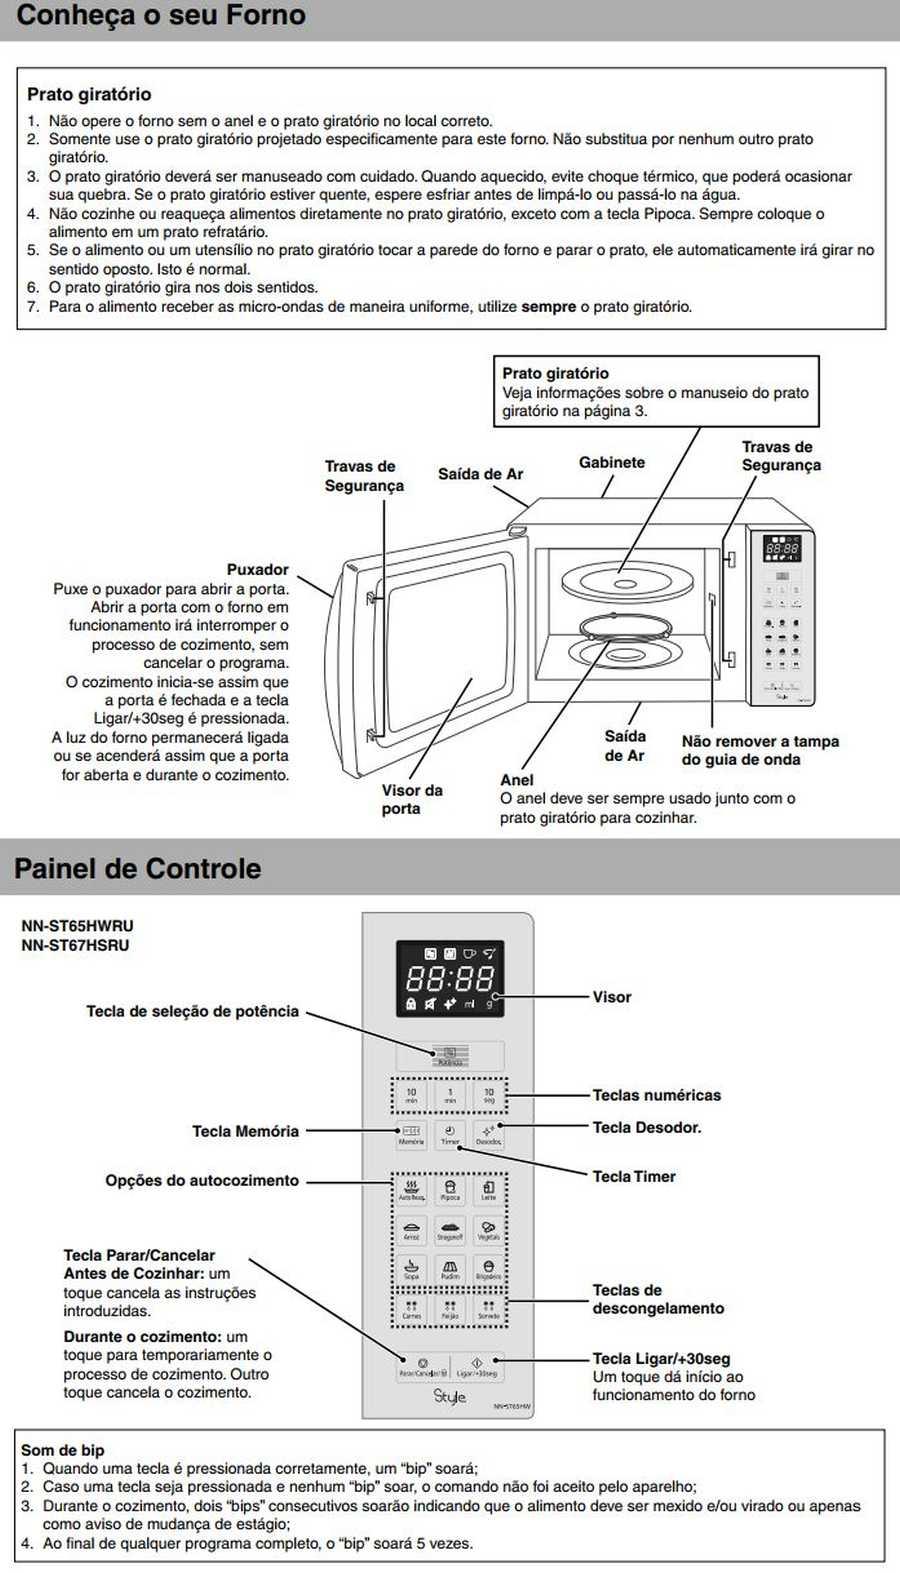 Manual de instruções do microondas Panasonic NN-ST67H - Conheça seu forno